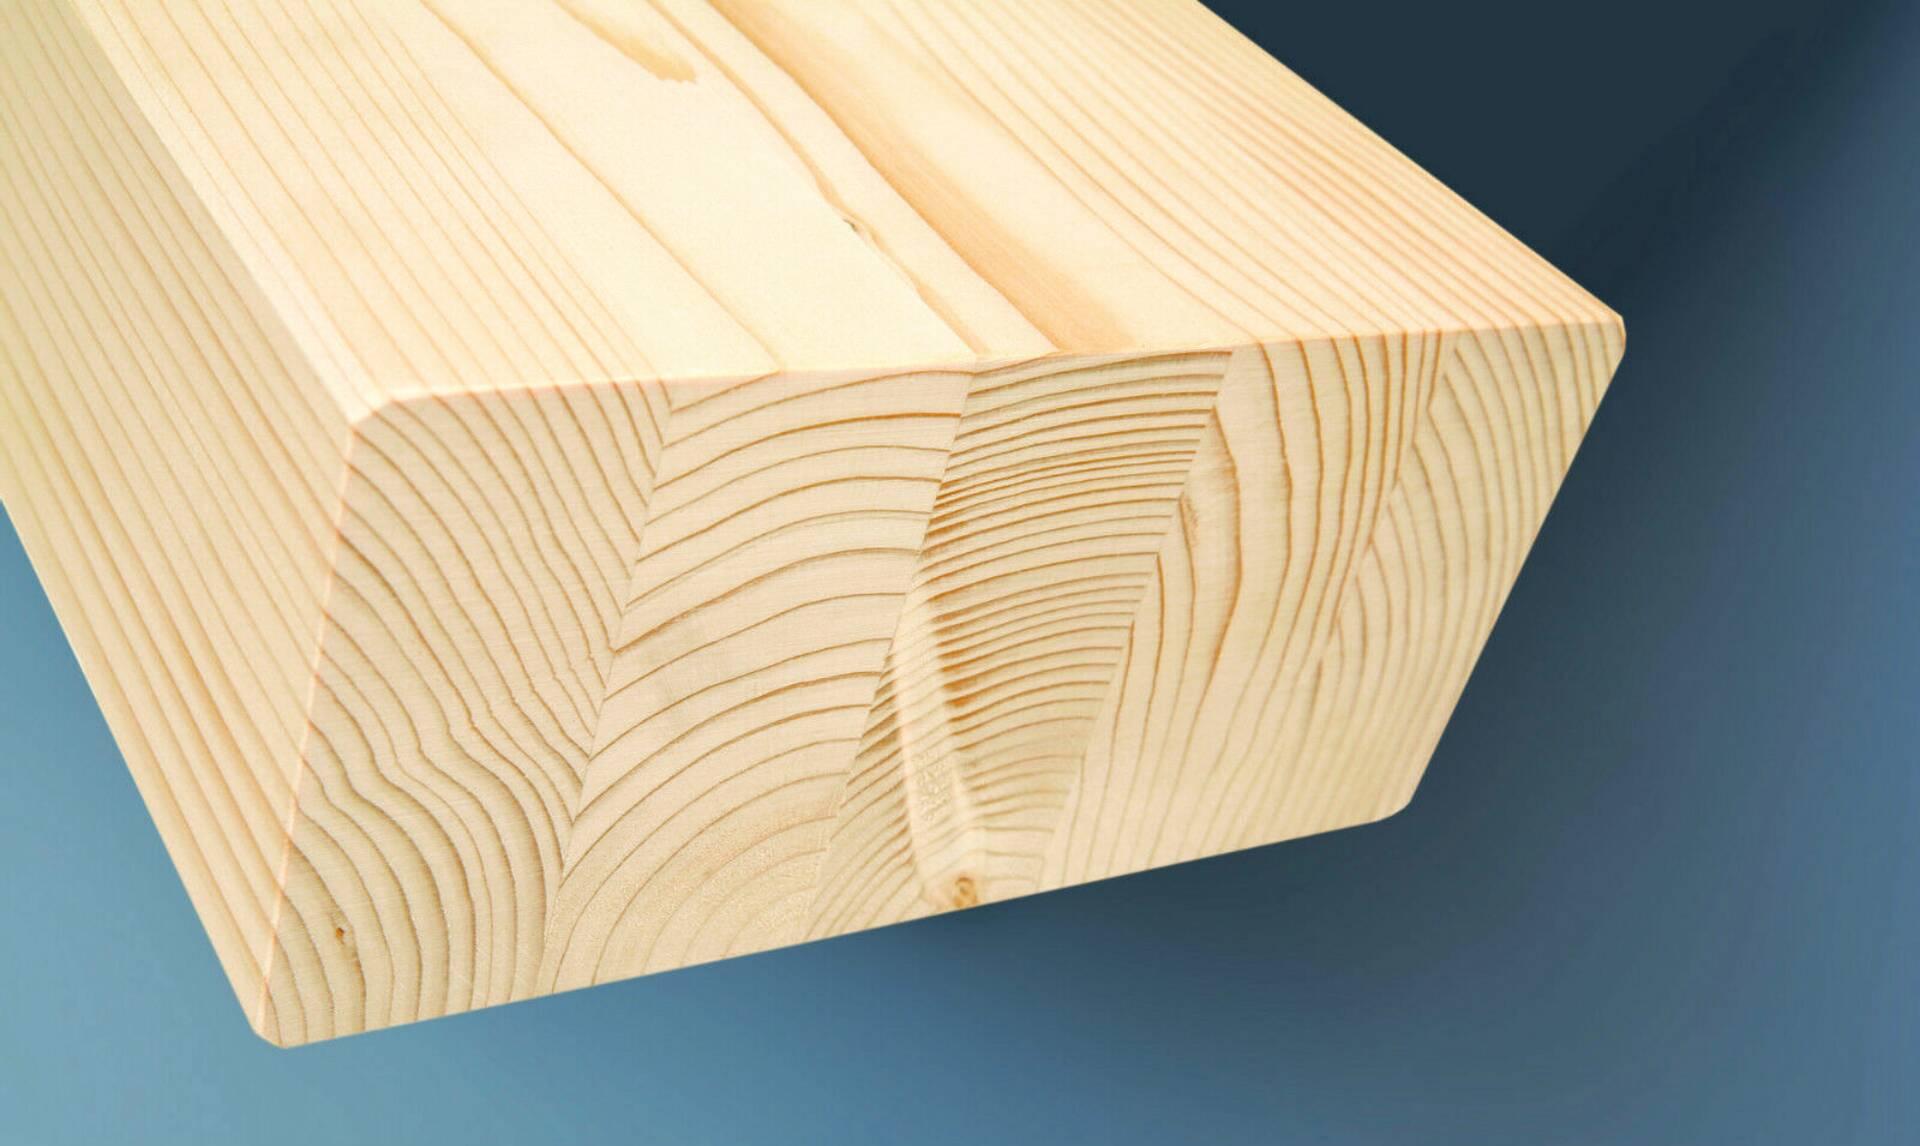 Cerco travi in legno lamellare